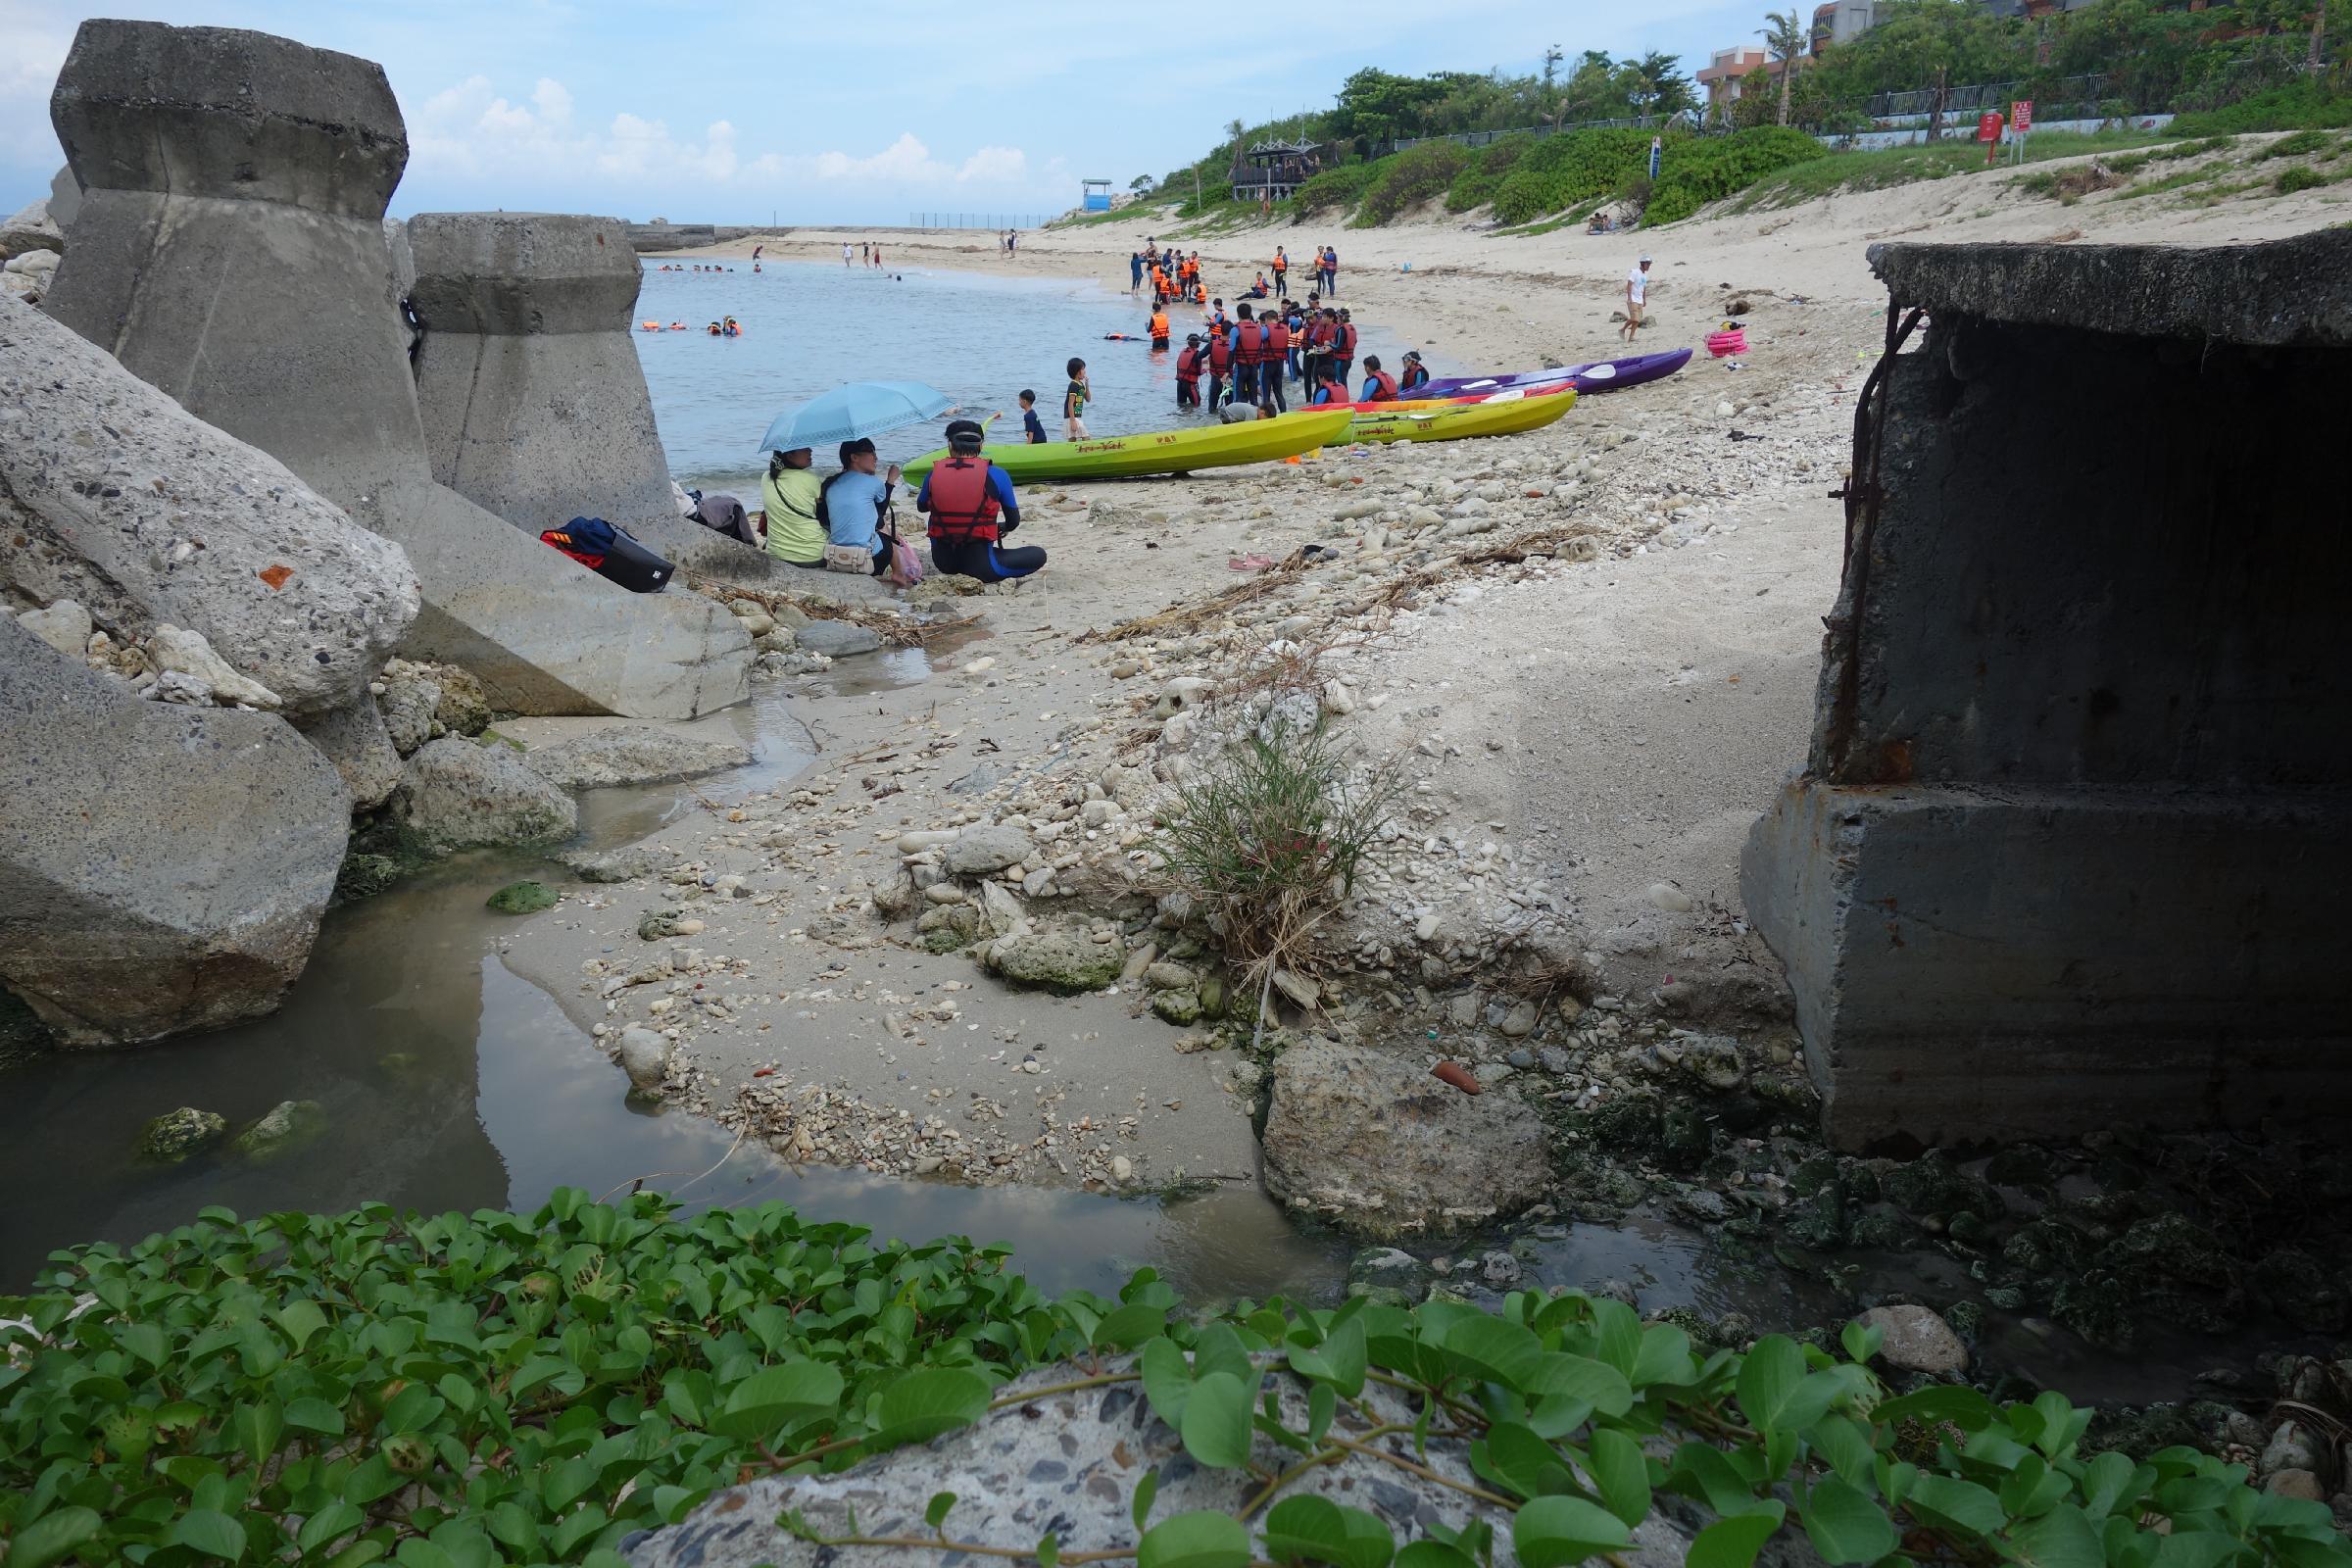 遊客在未經處理的污水排放口下游遊憩